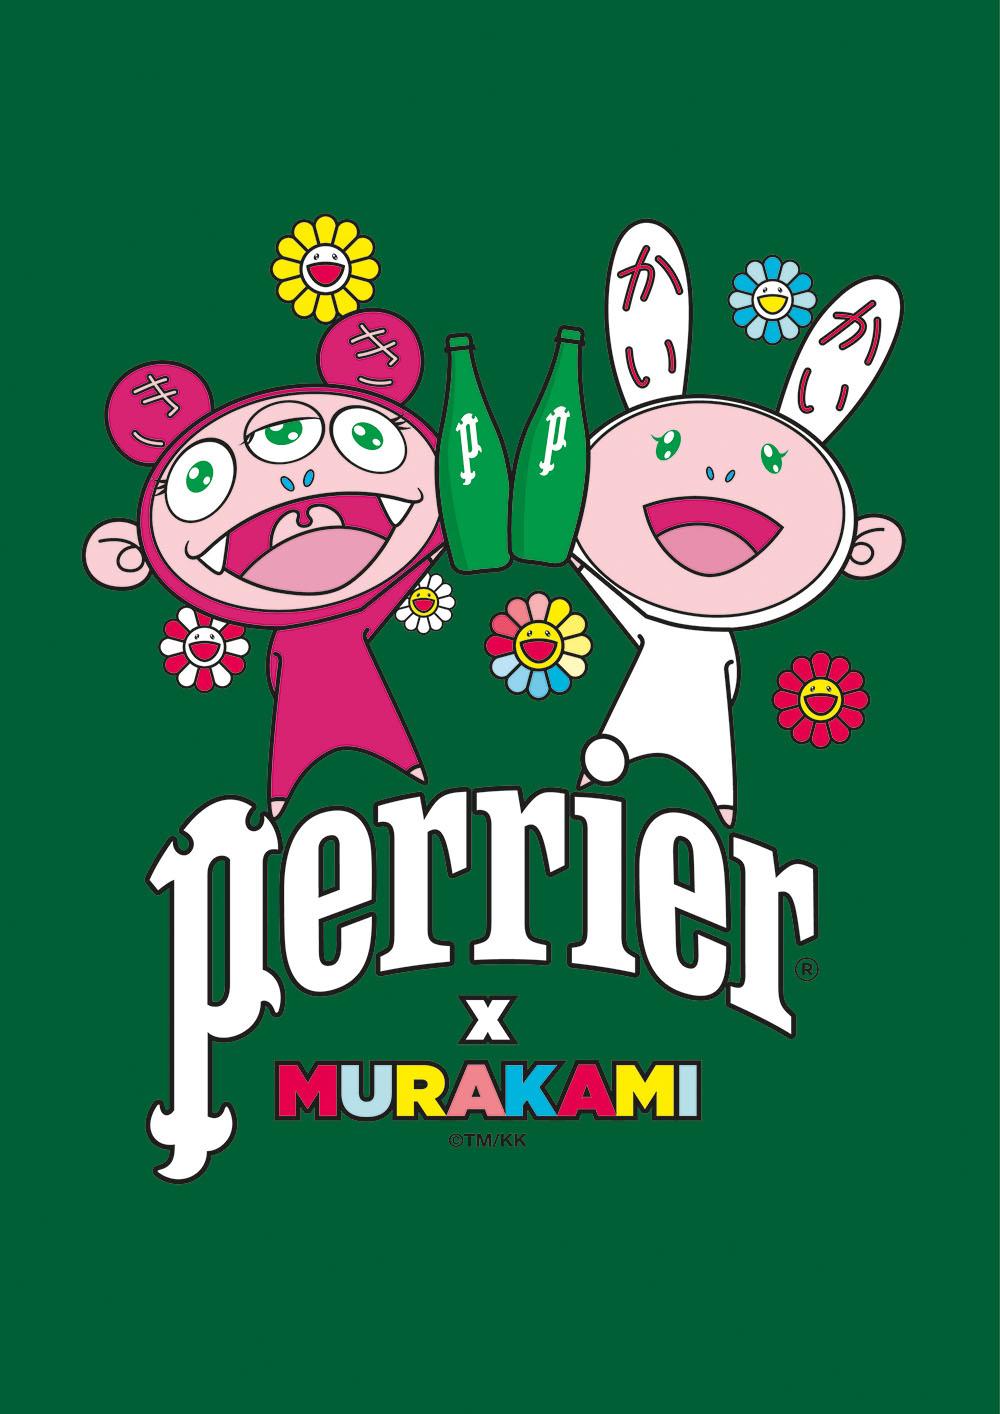 PERRIER x Takashi Murakami